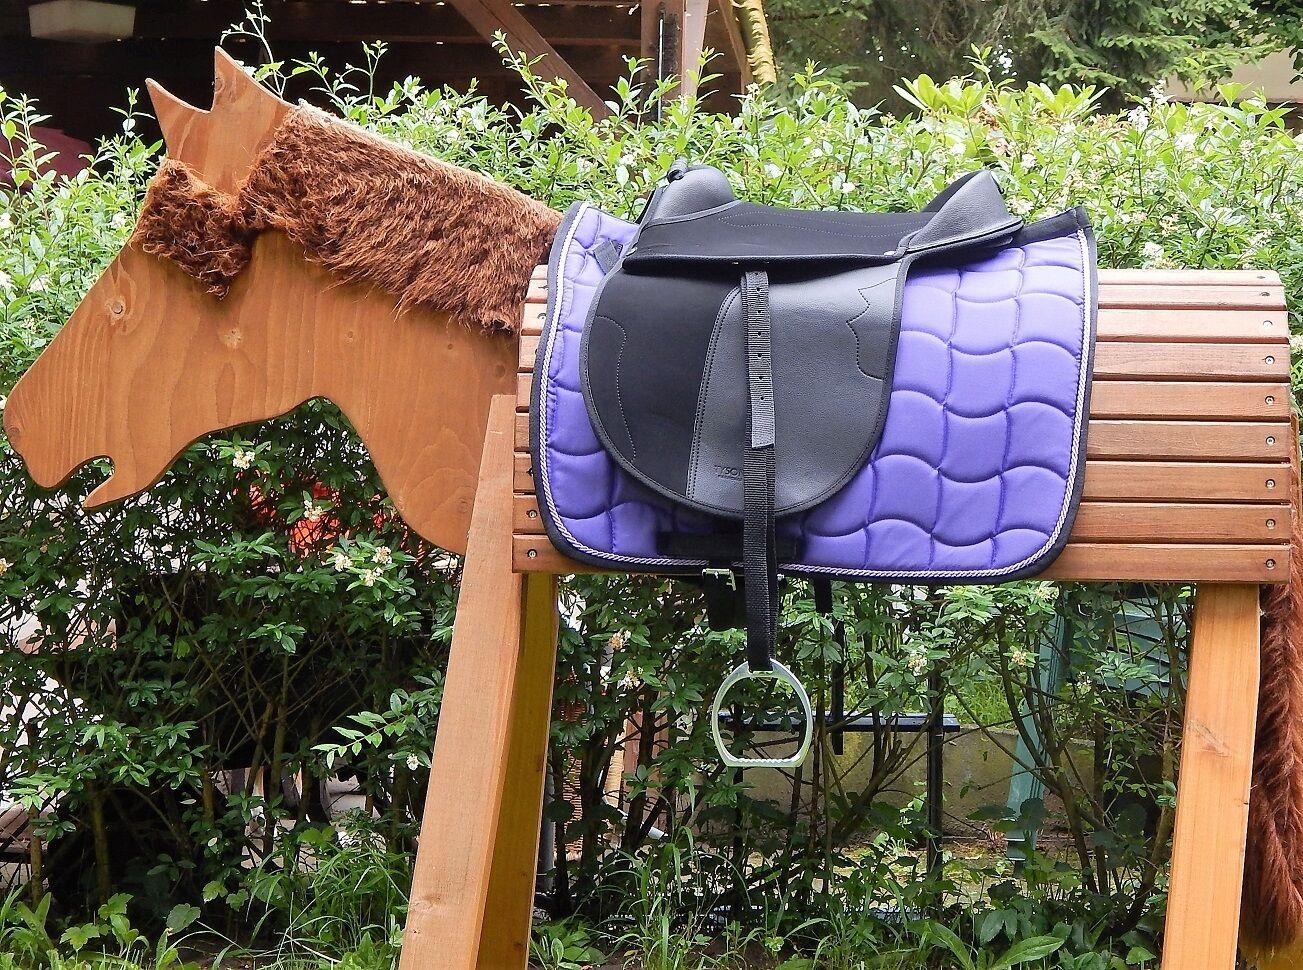 Sattelset sillín set a. madera caballo caballo de juego brillo pistolera accesorios caballo de madera